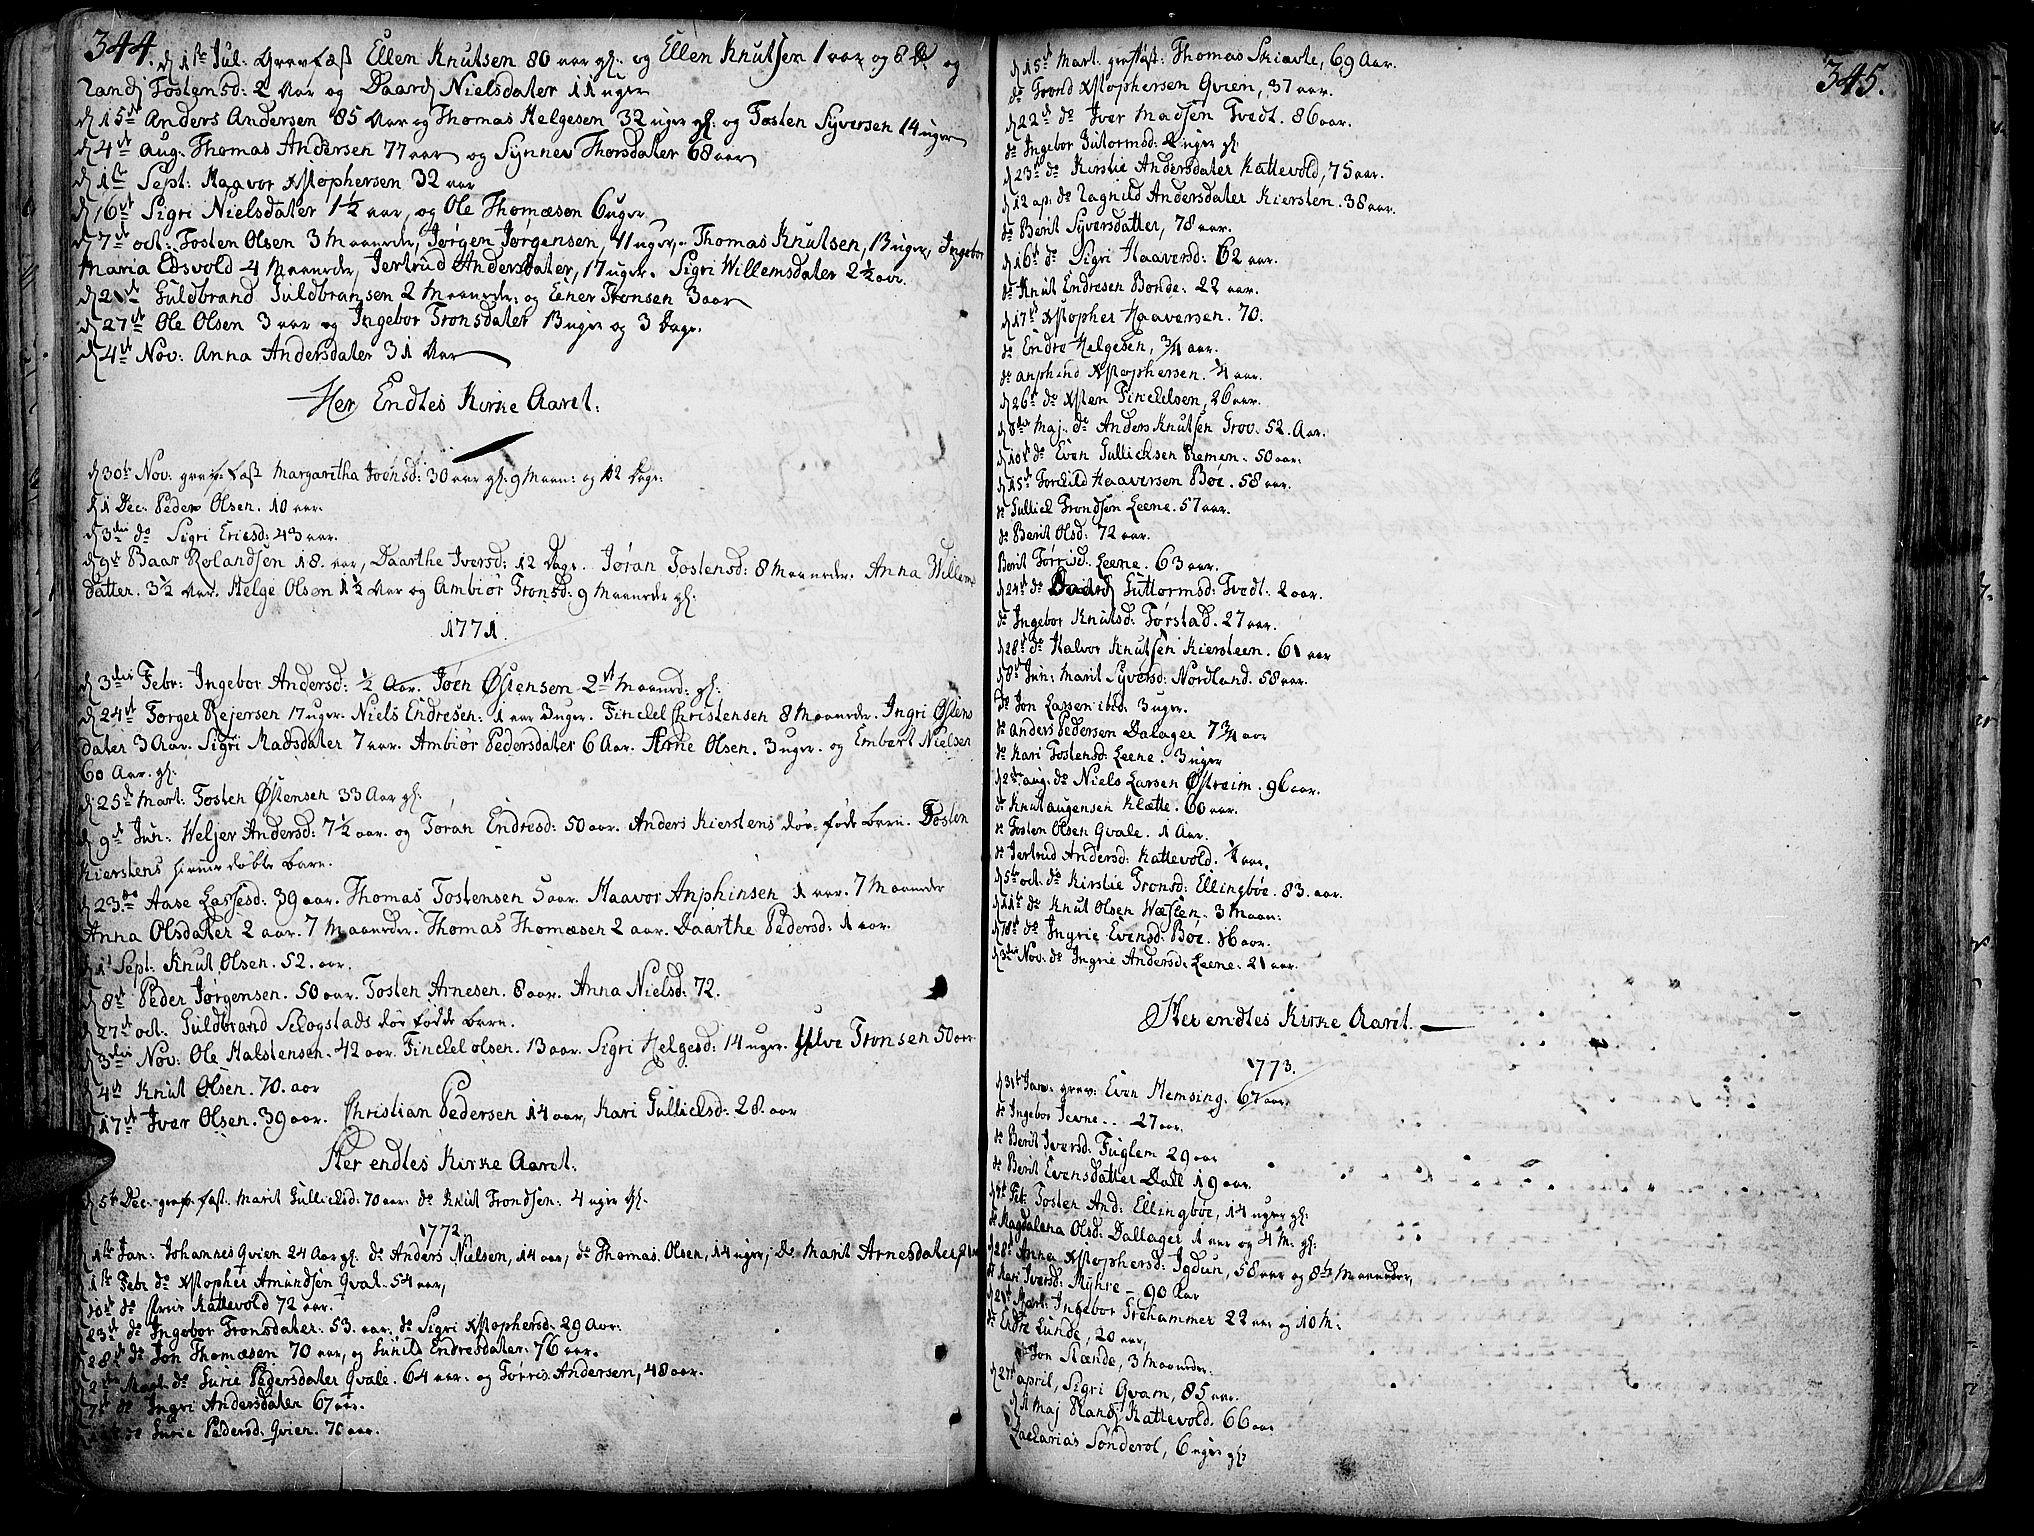 SAH, Vang prestekontor, Valdres, Ministerialbok nr. 1, 1730-1796, s. 344-345